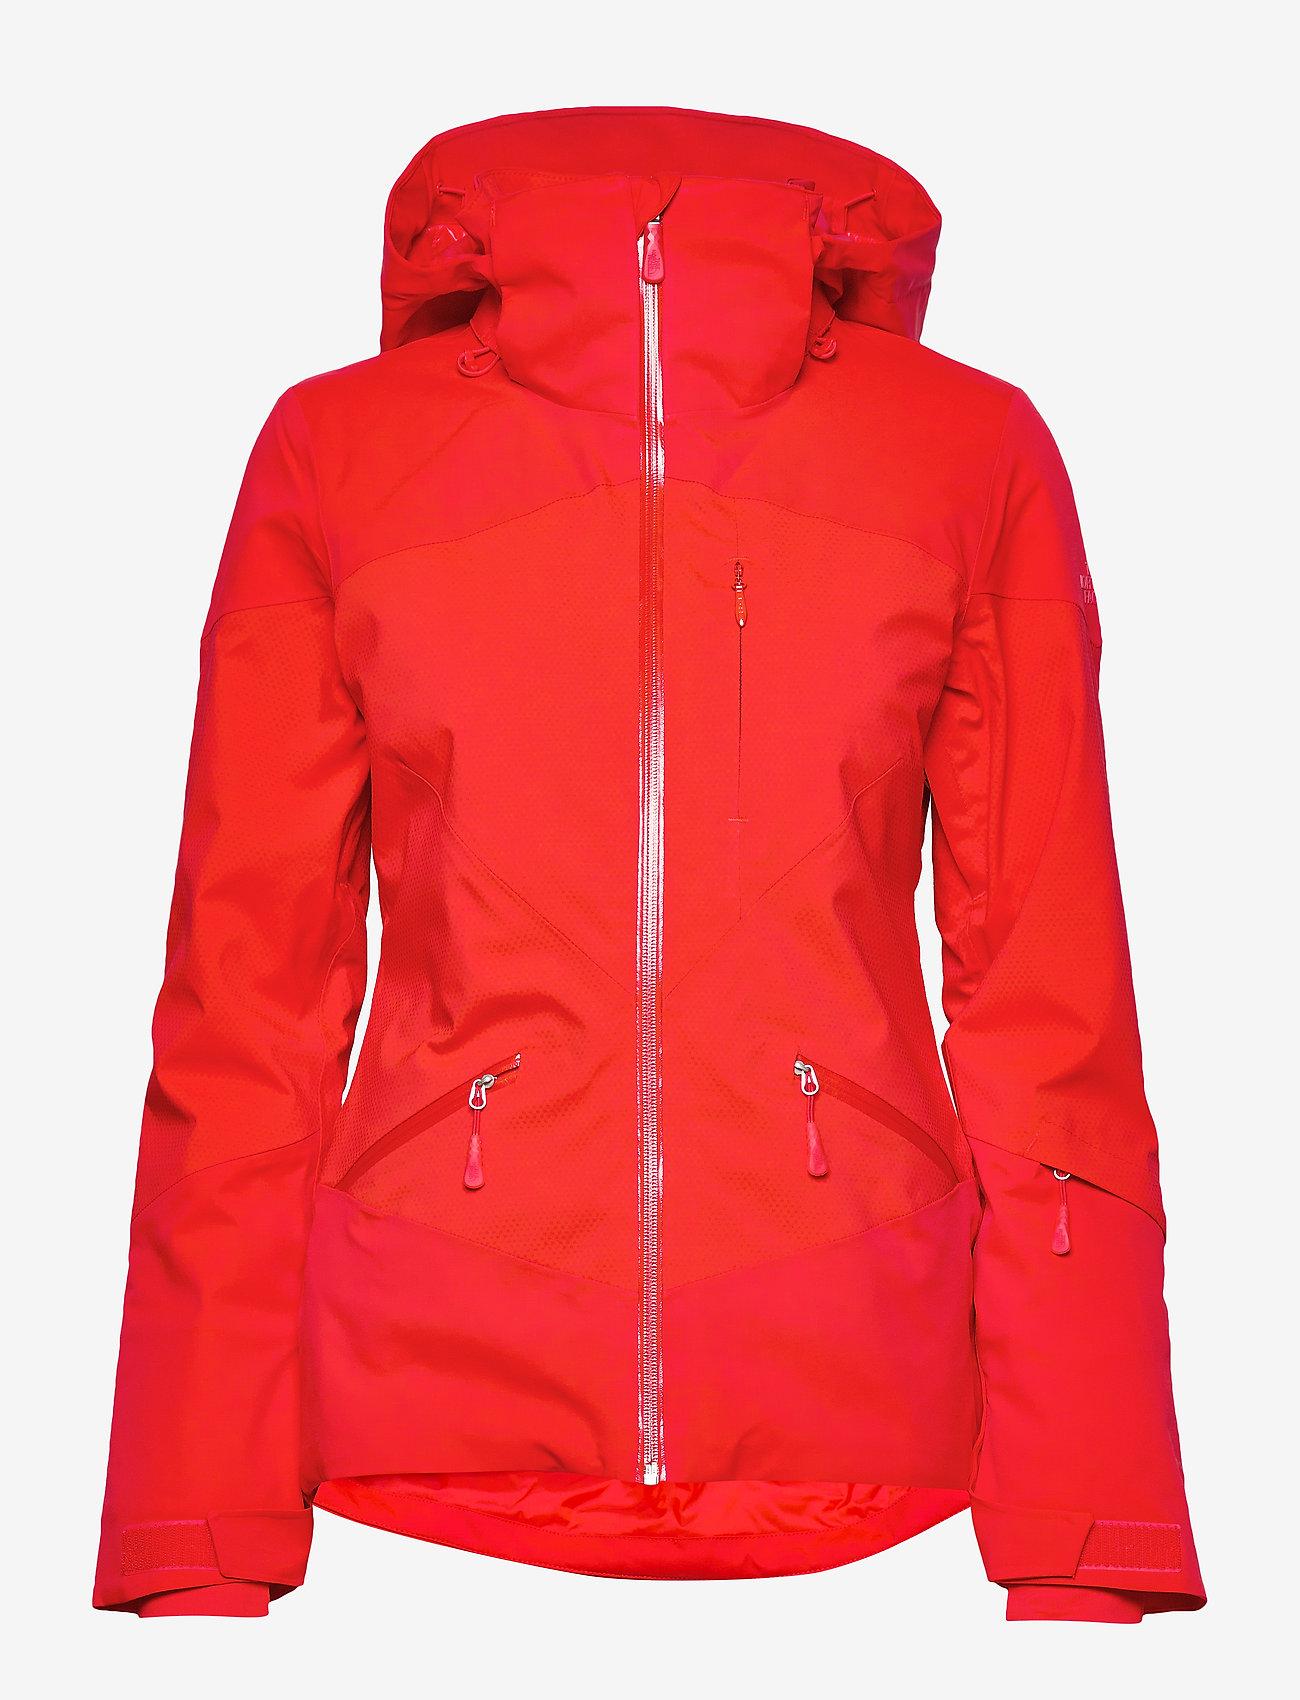 W Lenado Jacket Fiery Red (Fiery Red) - The North Face CZ1xIC